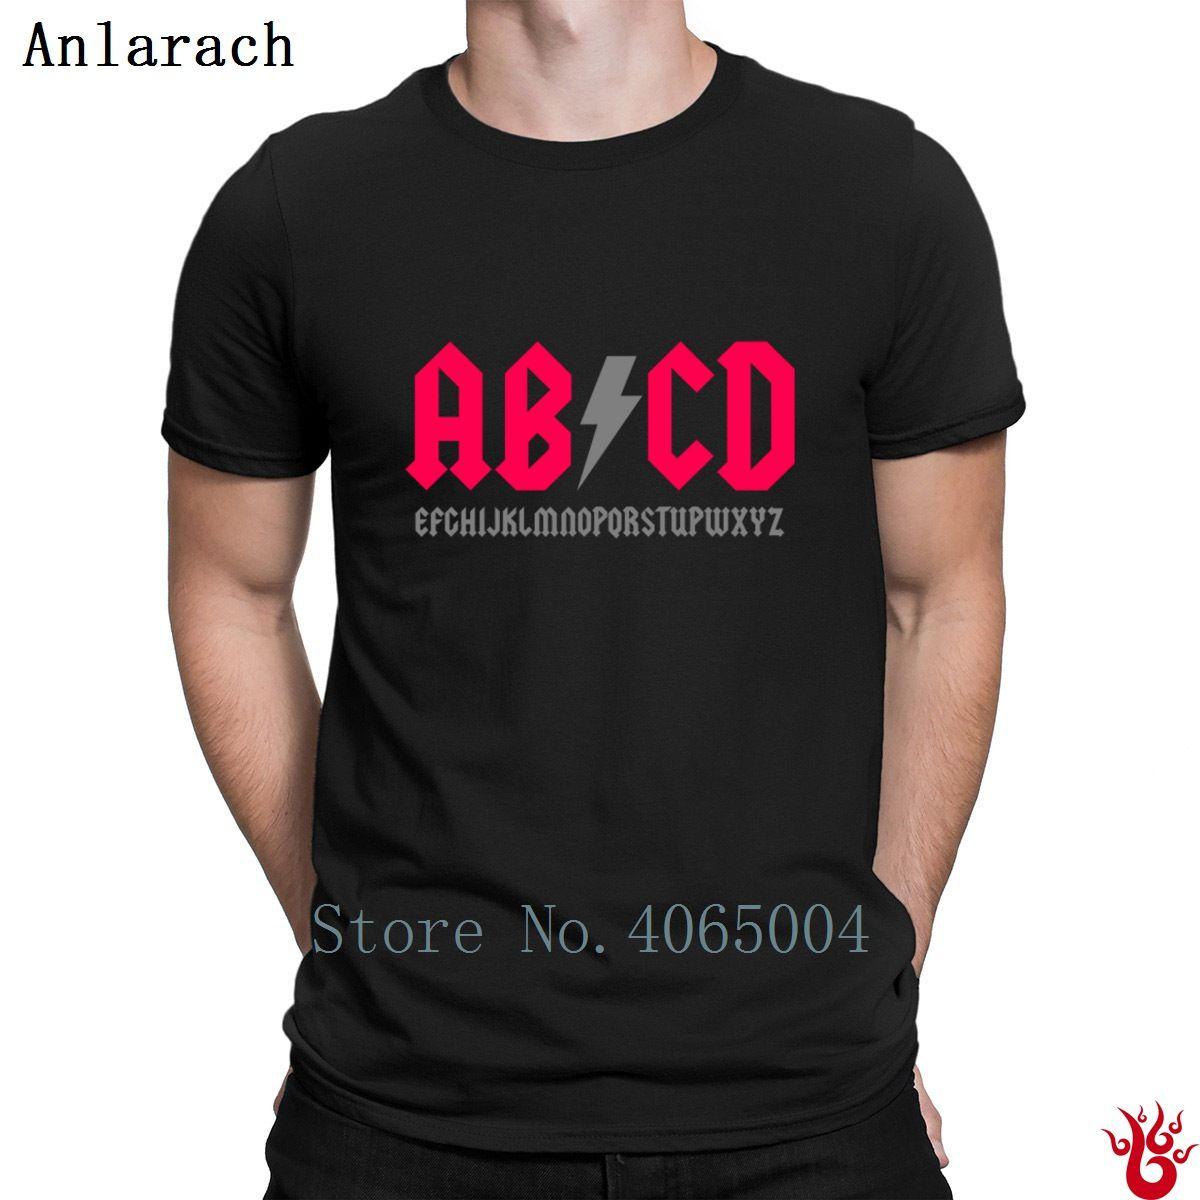 Abcd пародия футболка нормальный хлопок печатных хип-хоп мужская футболка 2018 против морщин новая мода S-3xl досуг